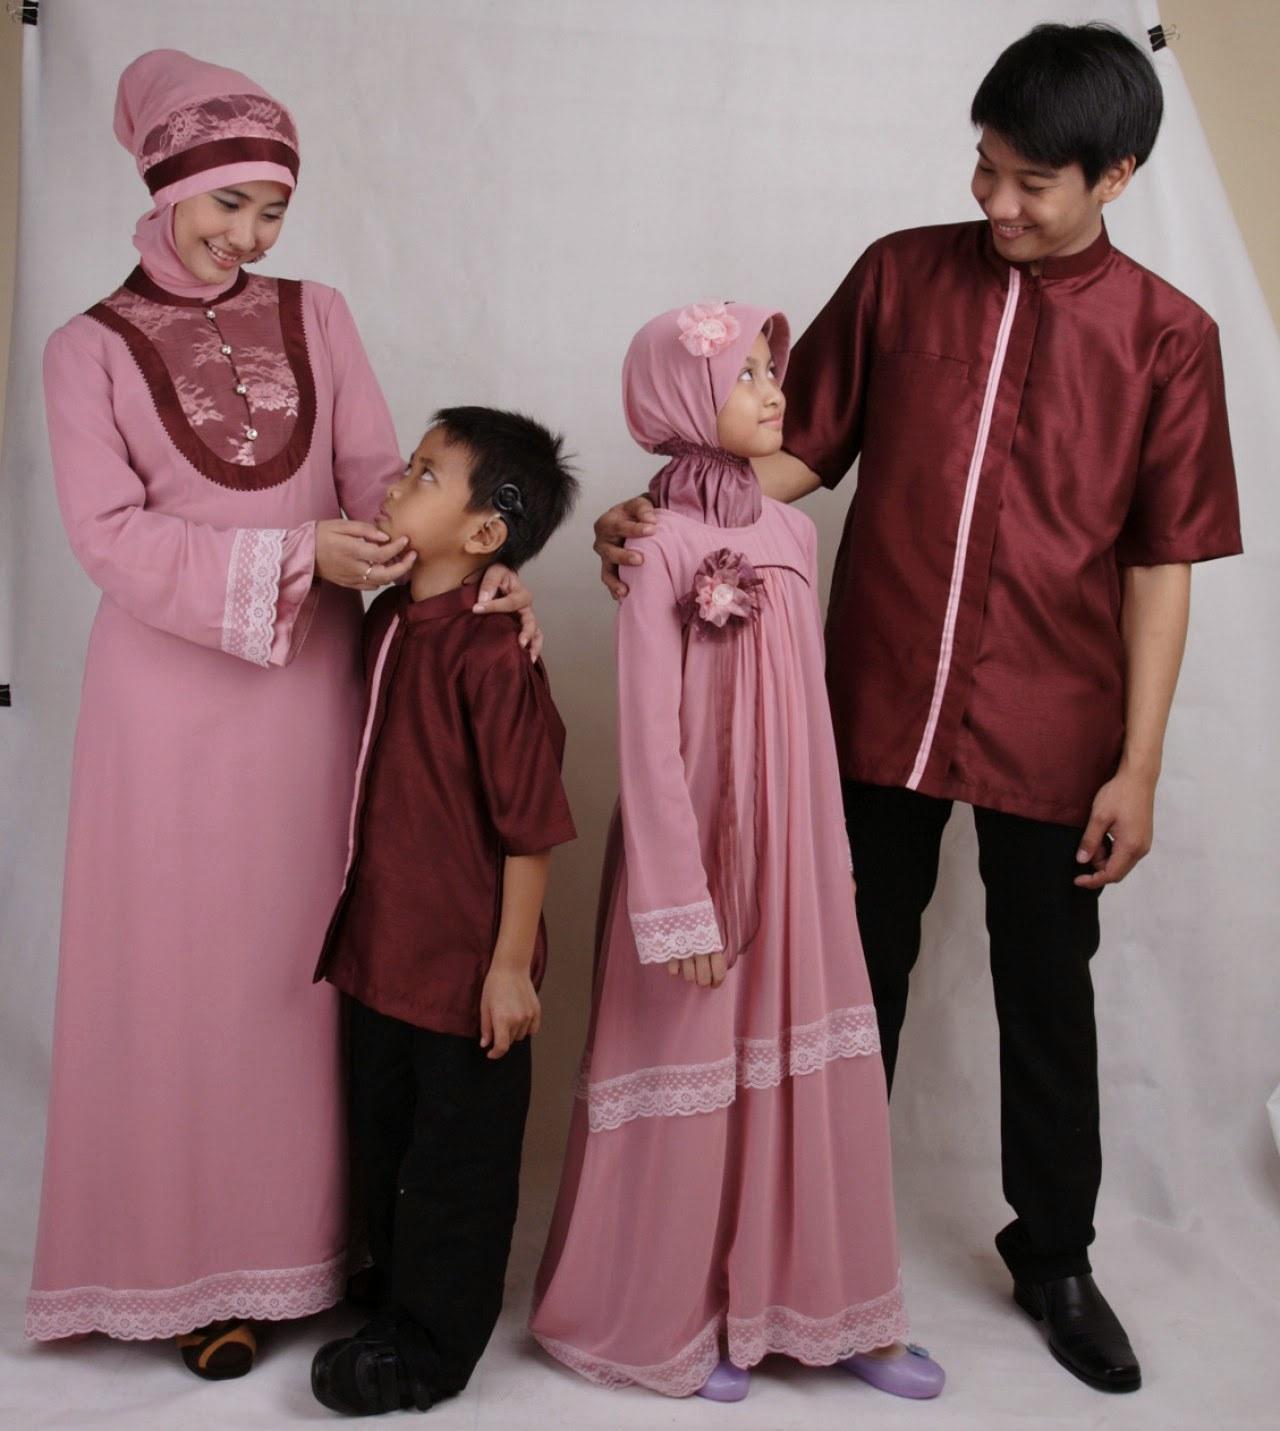 Bentuk Harga Baju Lebaran Drdp Model Baju Keluarga Muslim Seragam Kembar Terbaru 2018